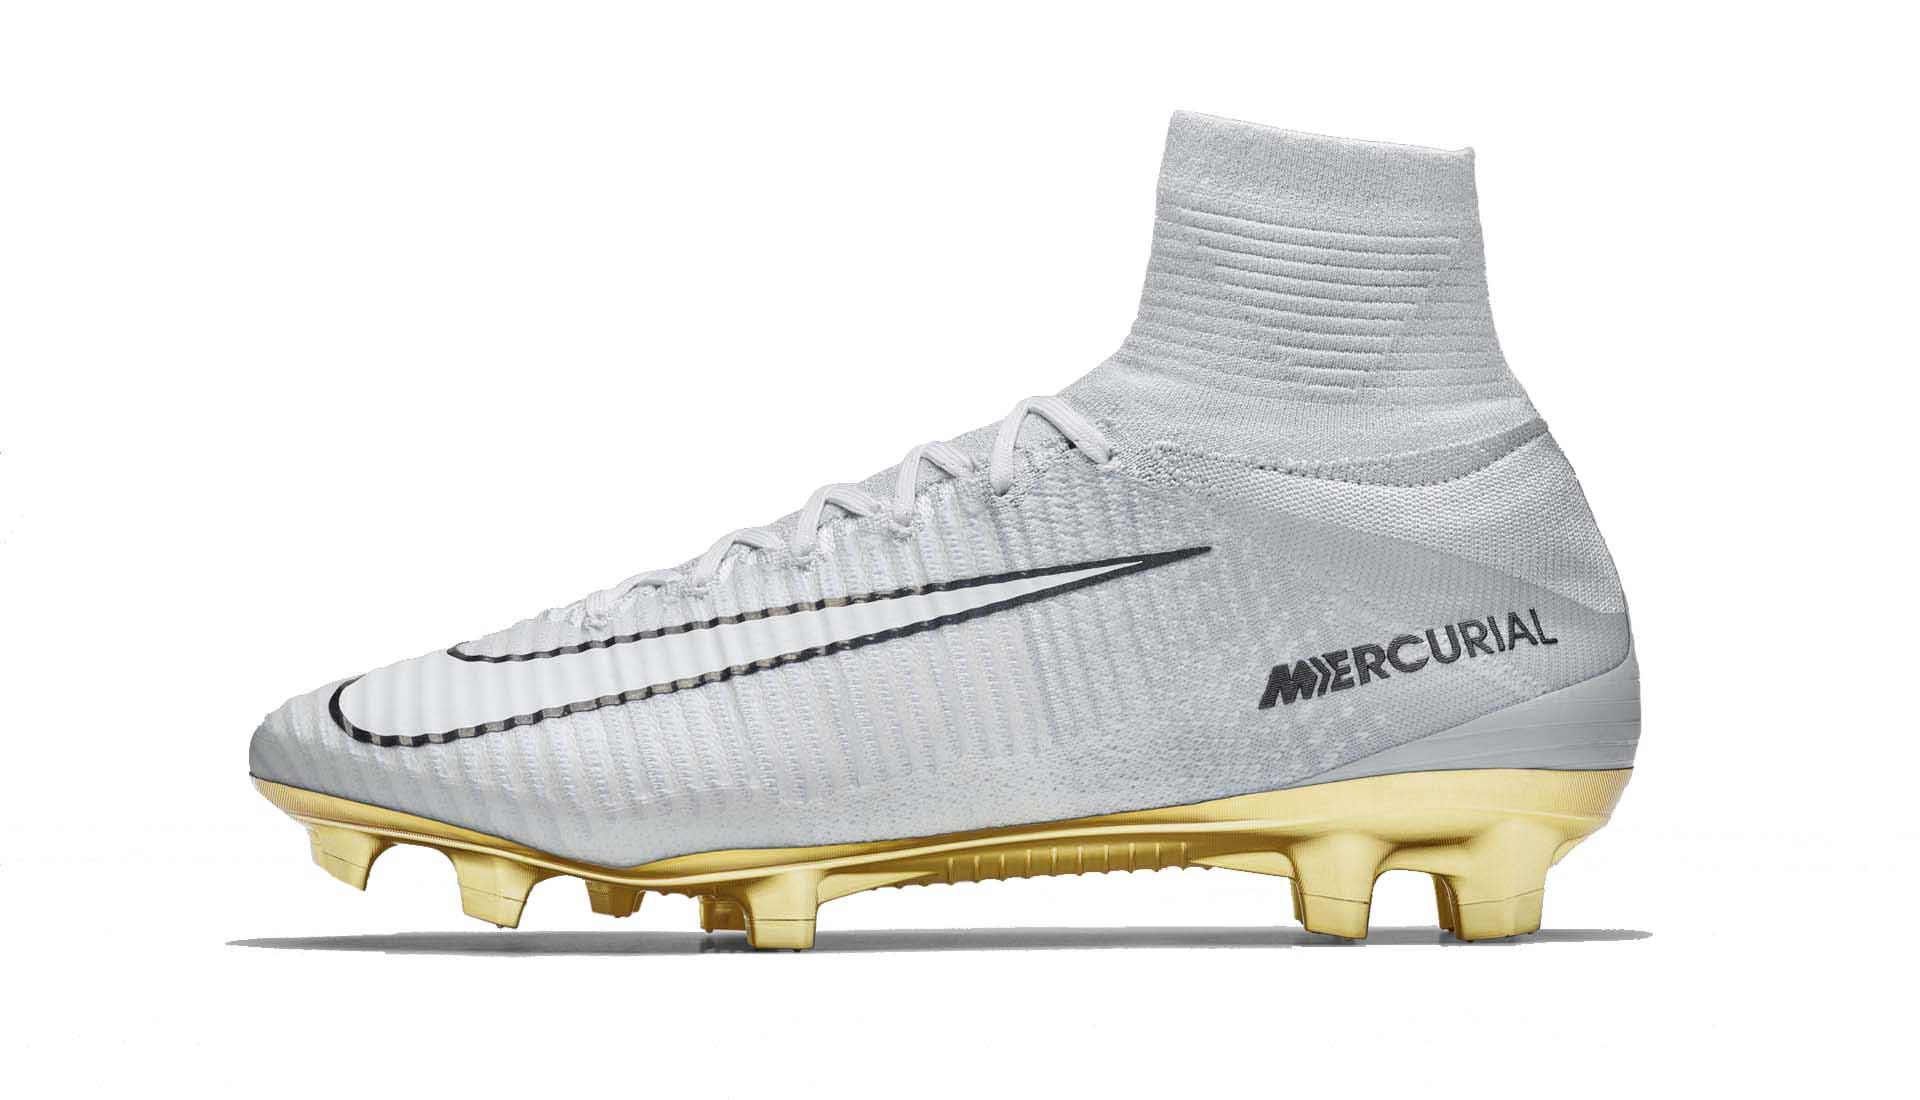 Giày đá banh Nike Mercurial Superfly CR7 'Vitórias'